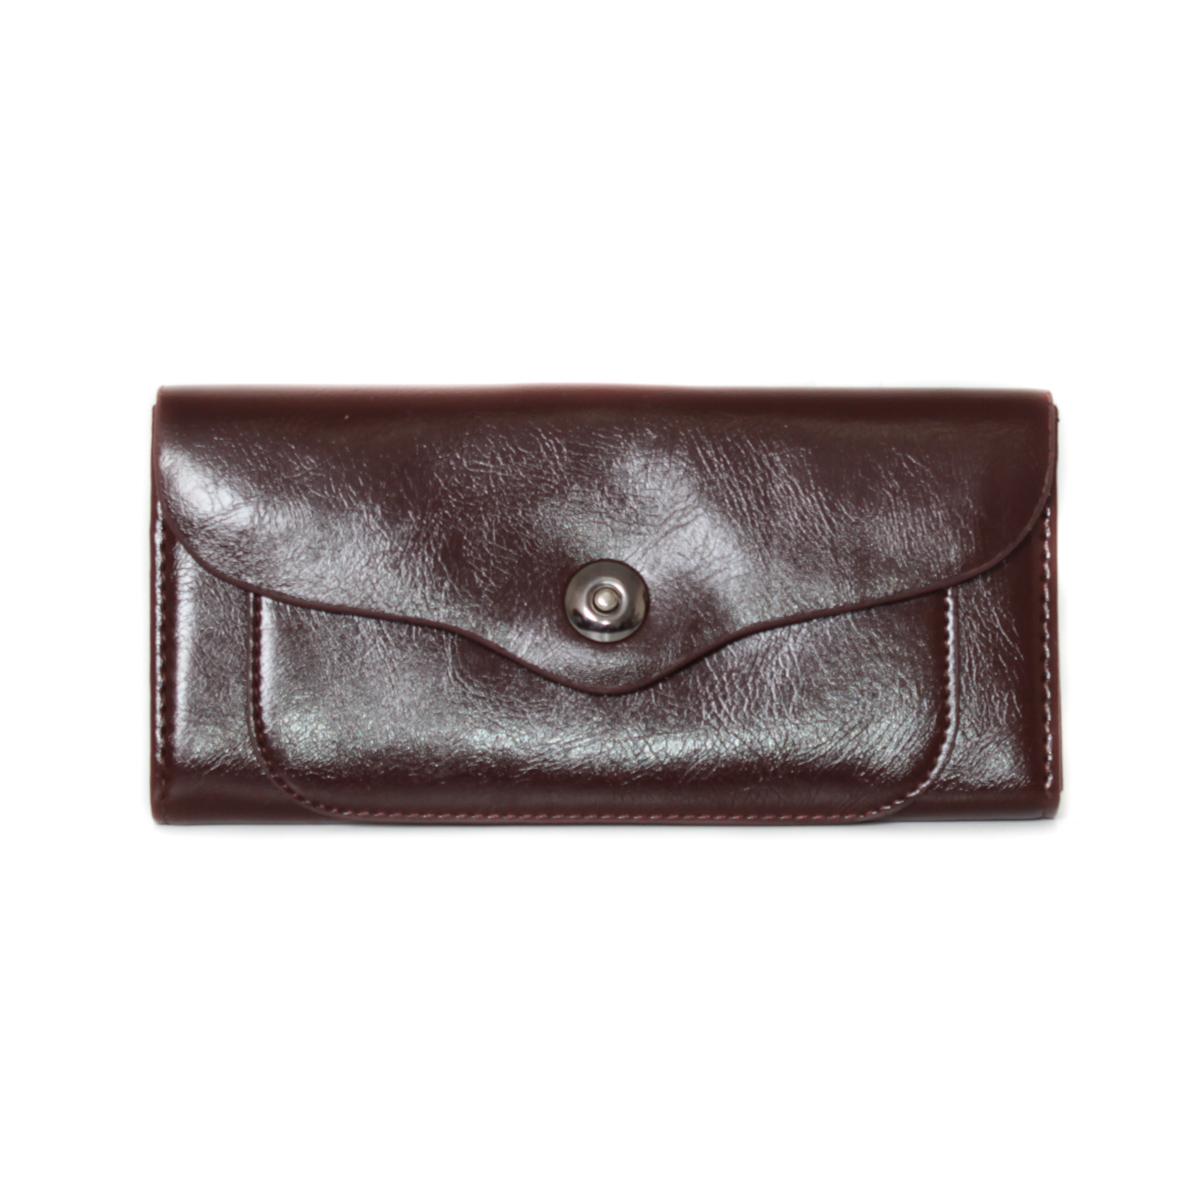 Кошелек женский Leighton, цвет: коричневый. 0005311000053110Закрывается на кнопку. Внутри два отления для карточек и визиток, одно отделение на молнии, два для купюр и одно для монет.